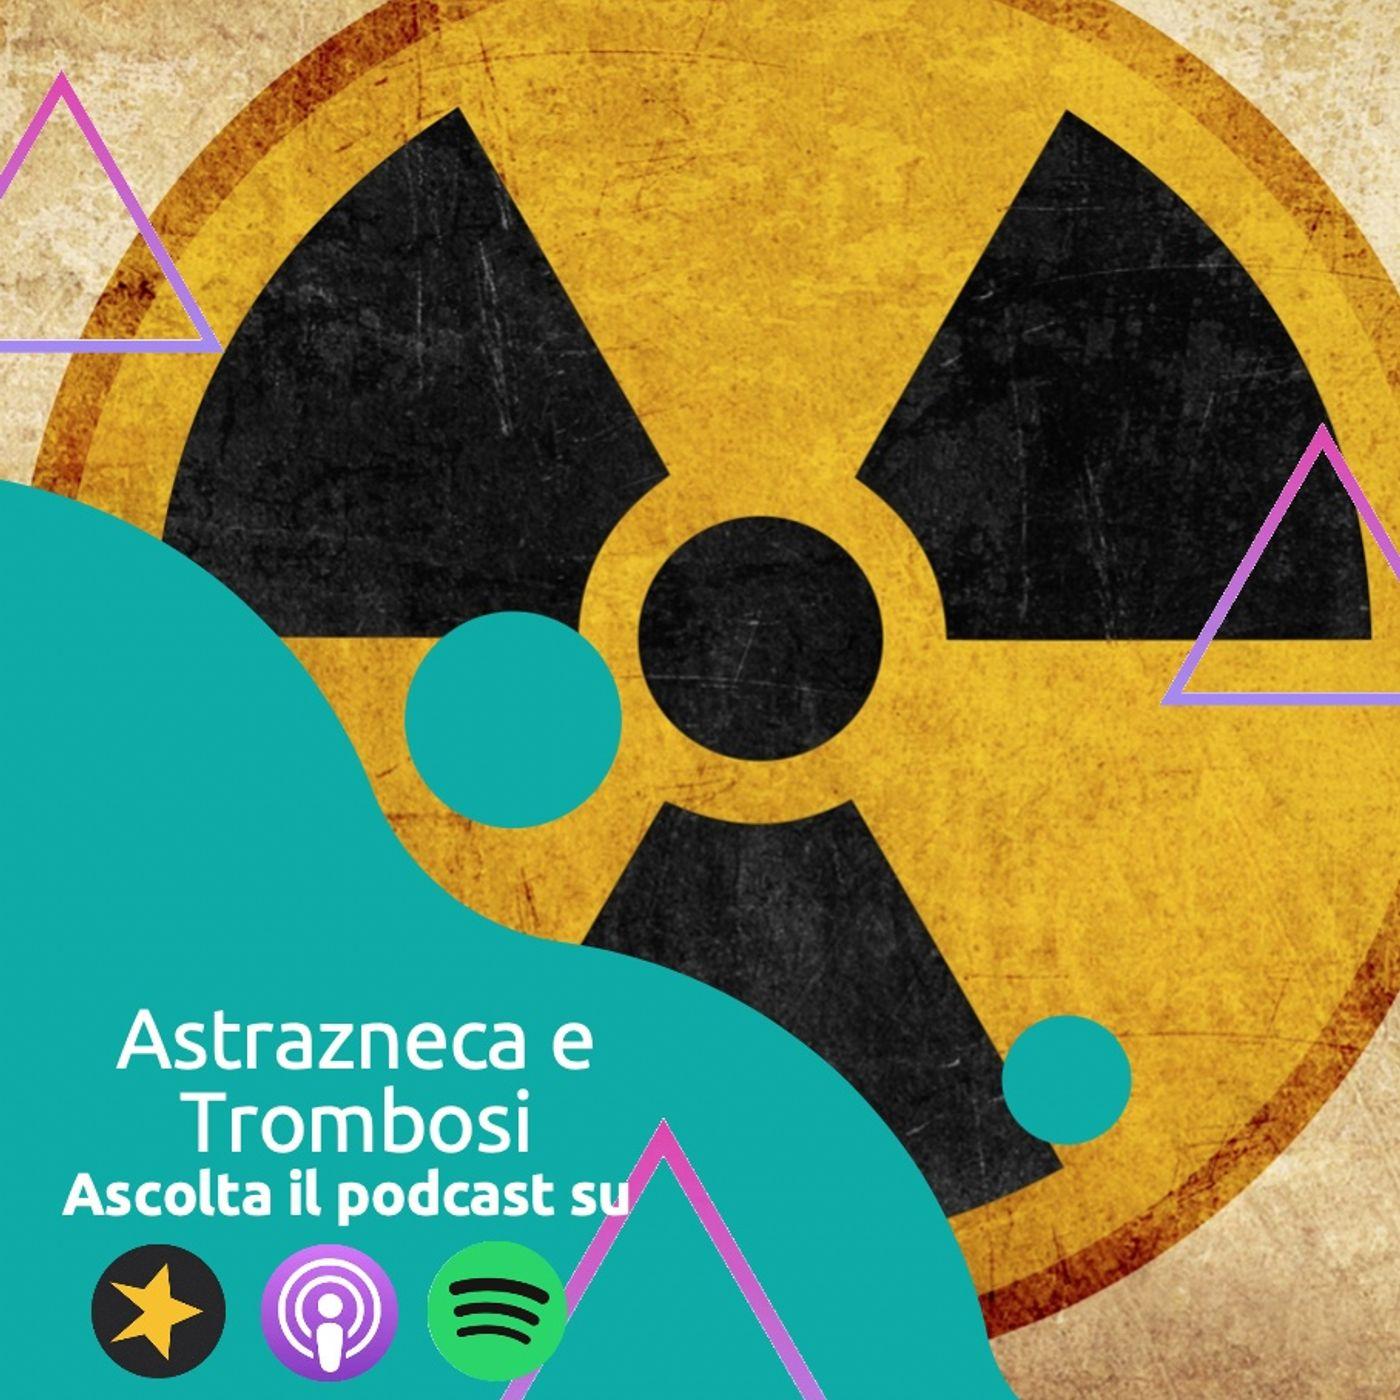 Vaccino Astrazeneca e Trombosi: PERICOLO!